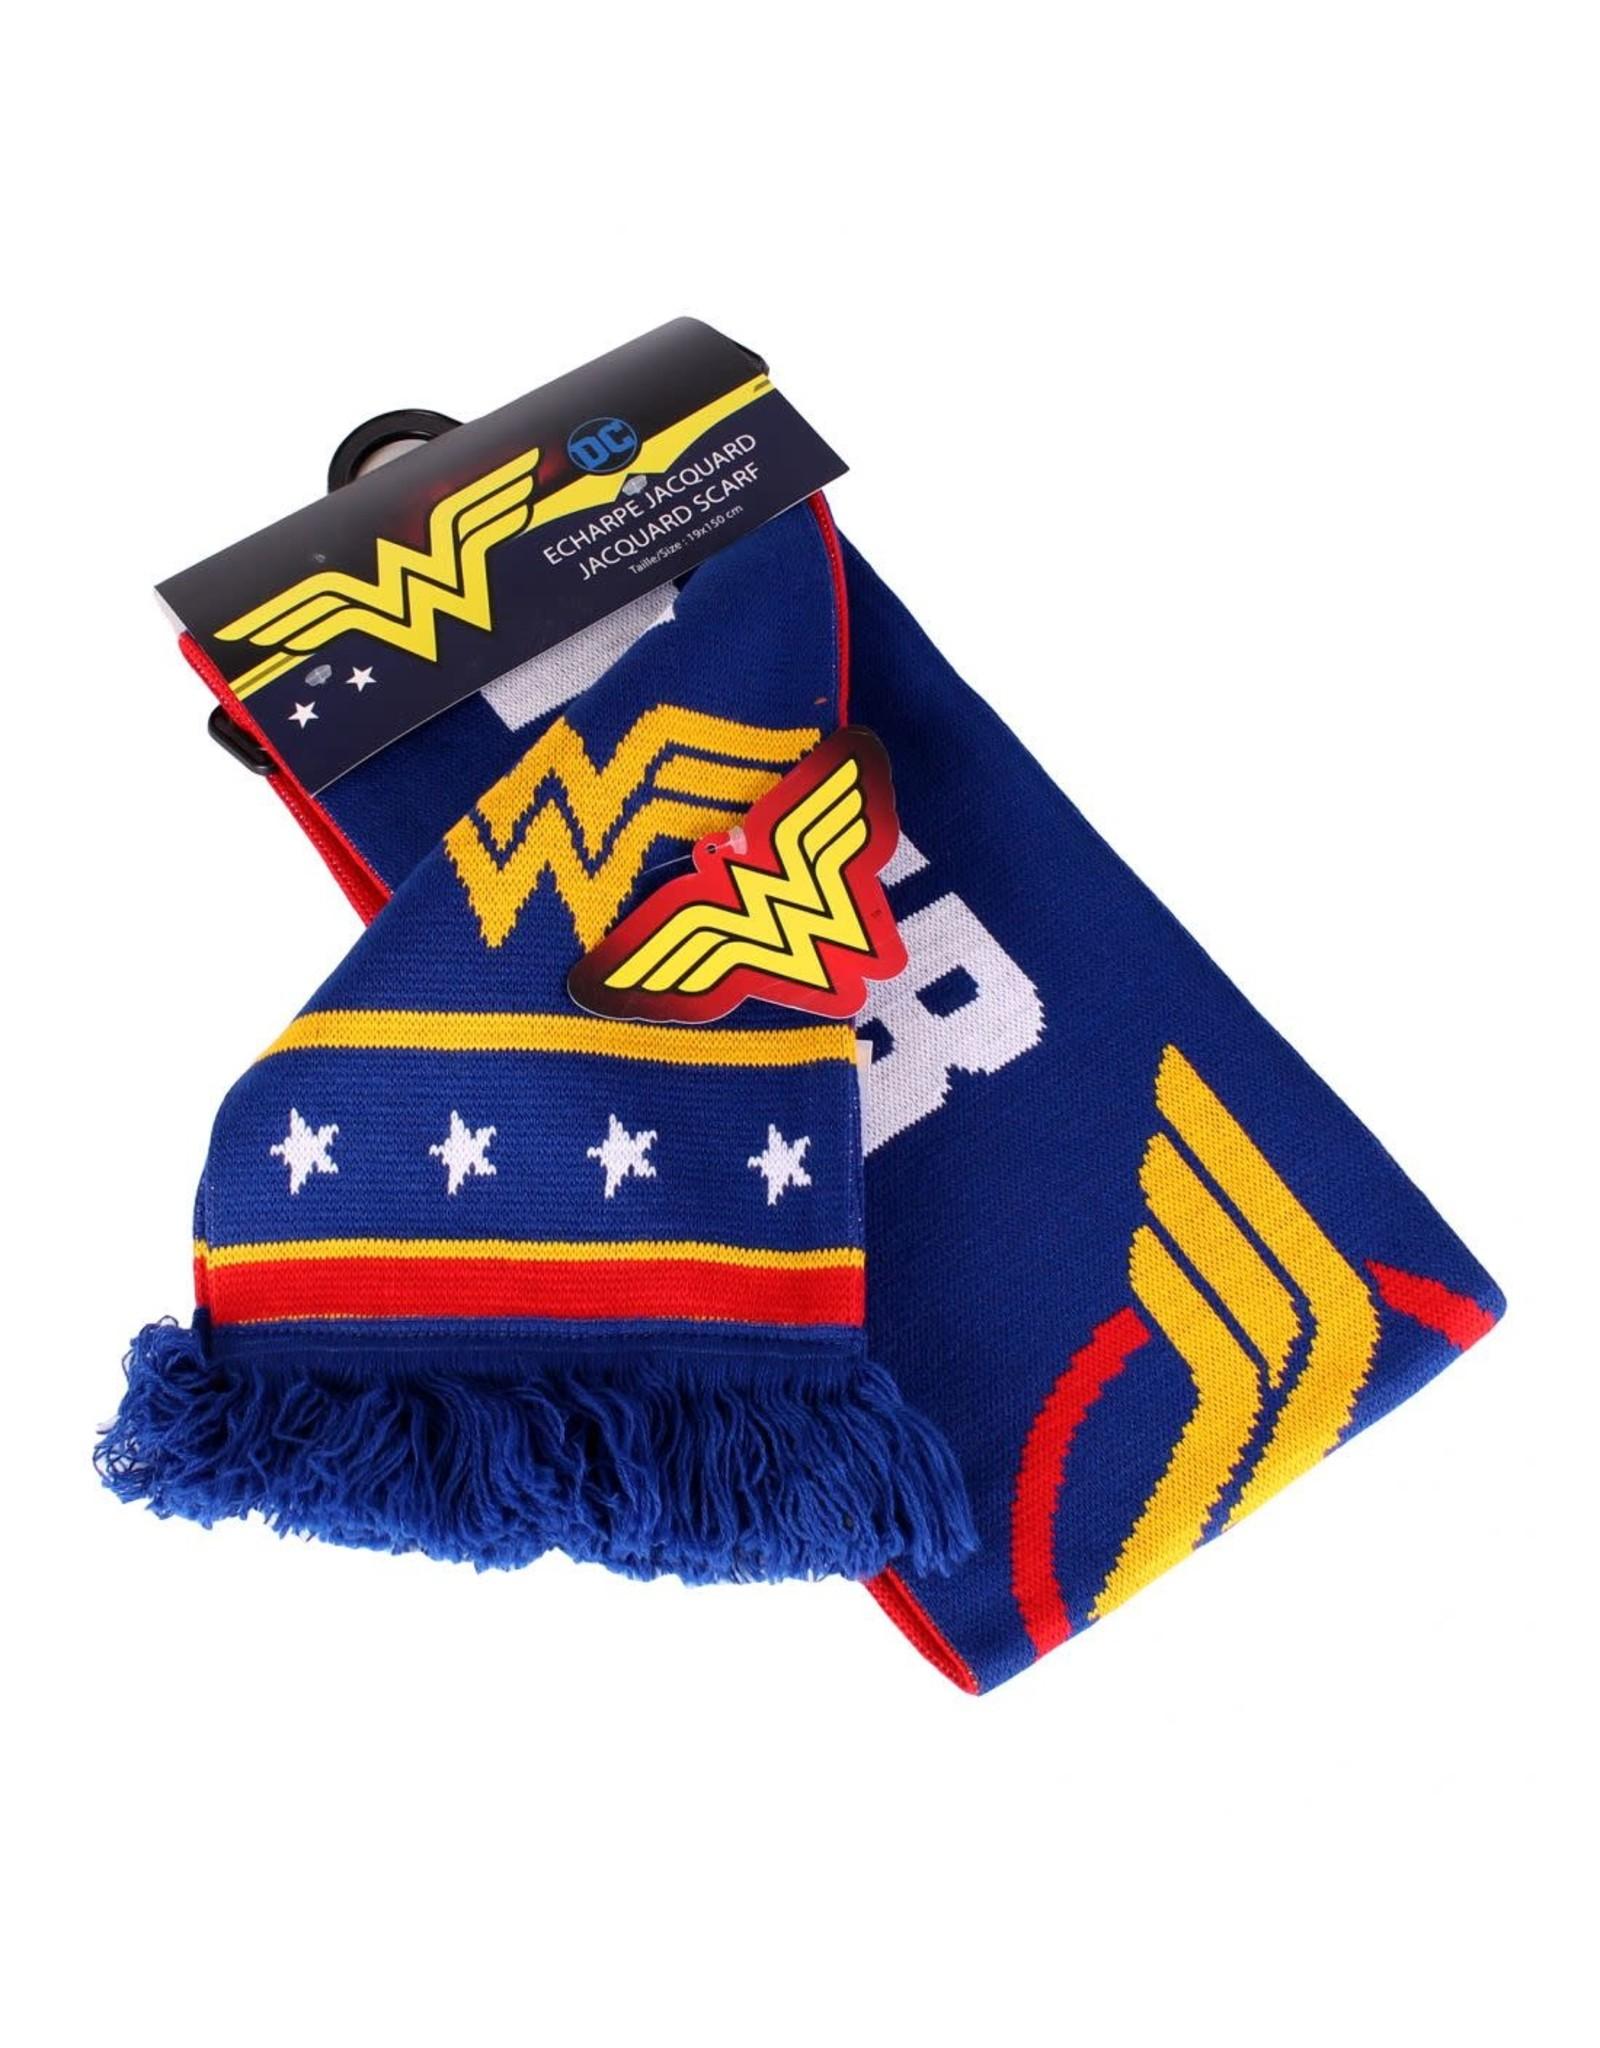 DC COMICS - Scarf - Wonder Woman